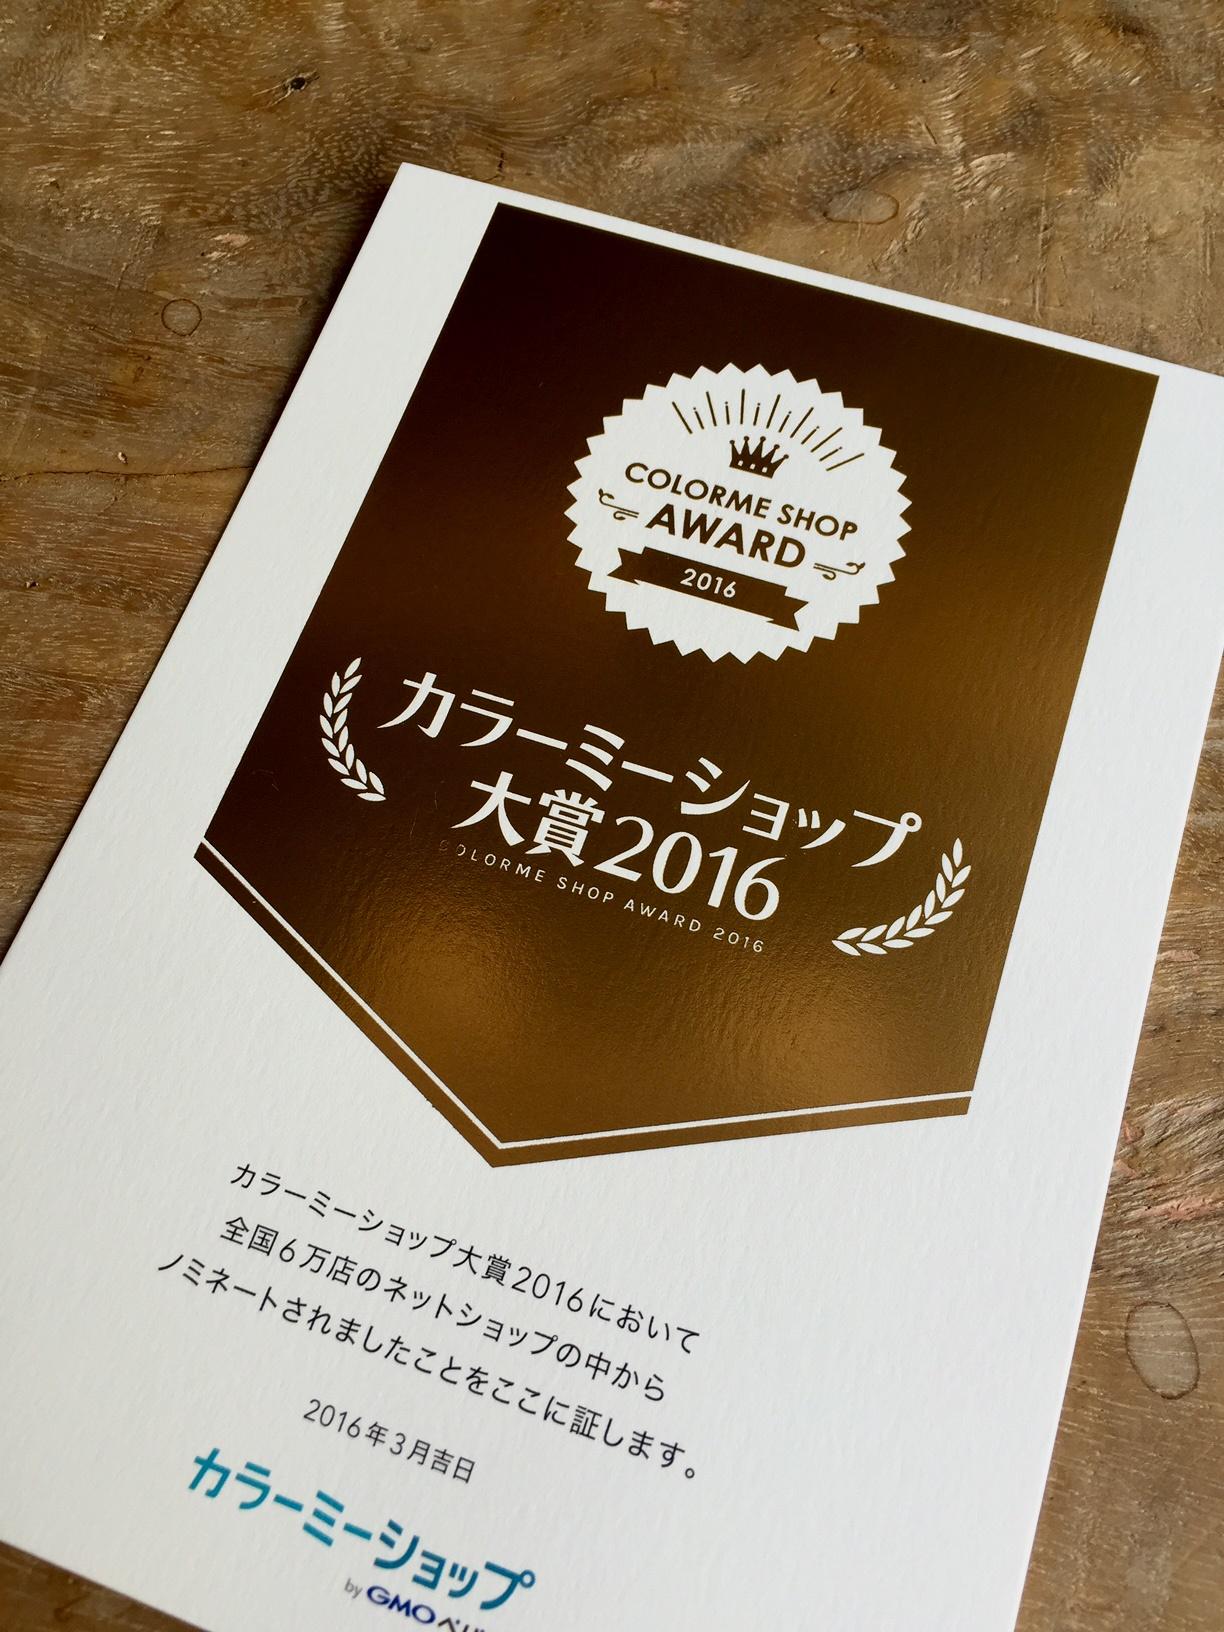 201603172.jpg